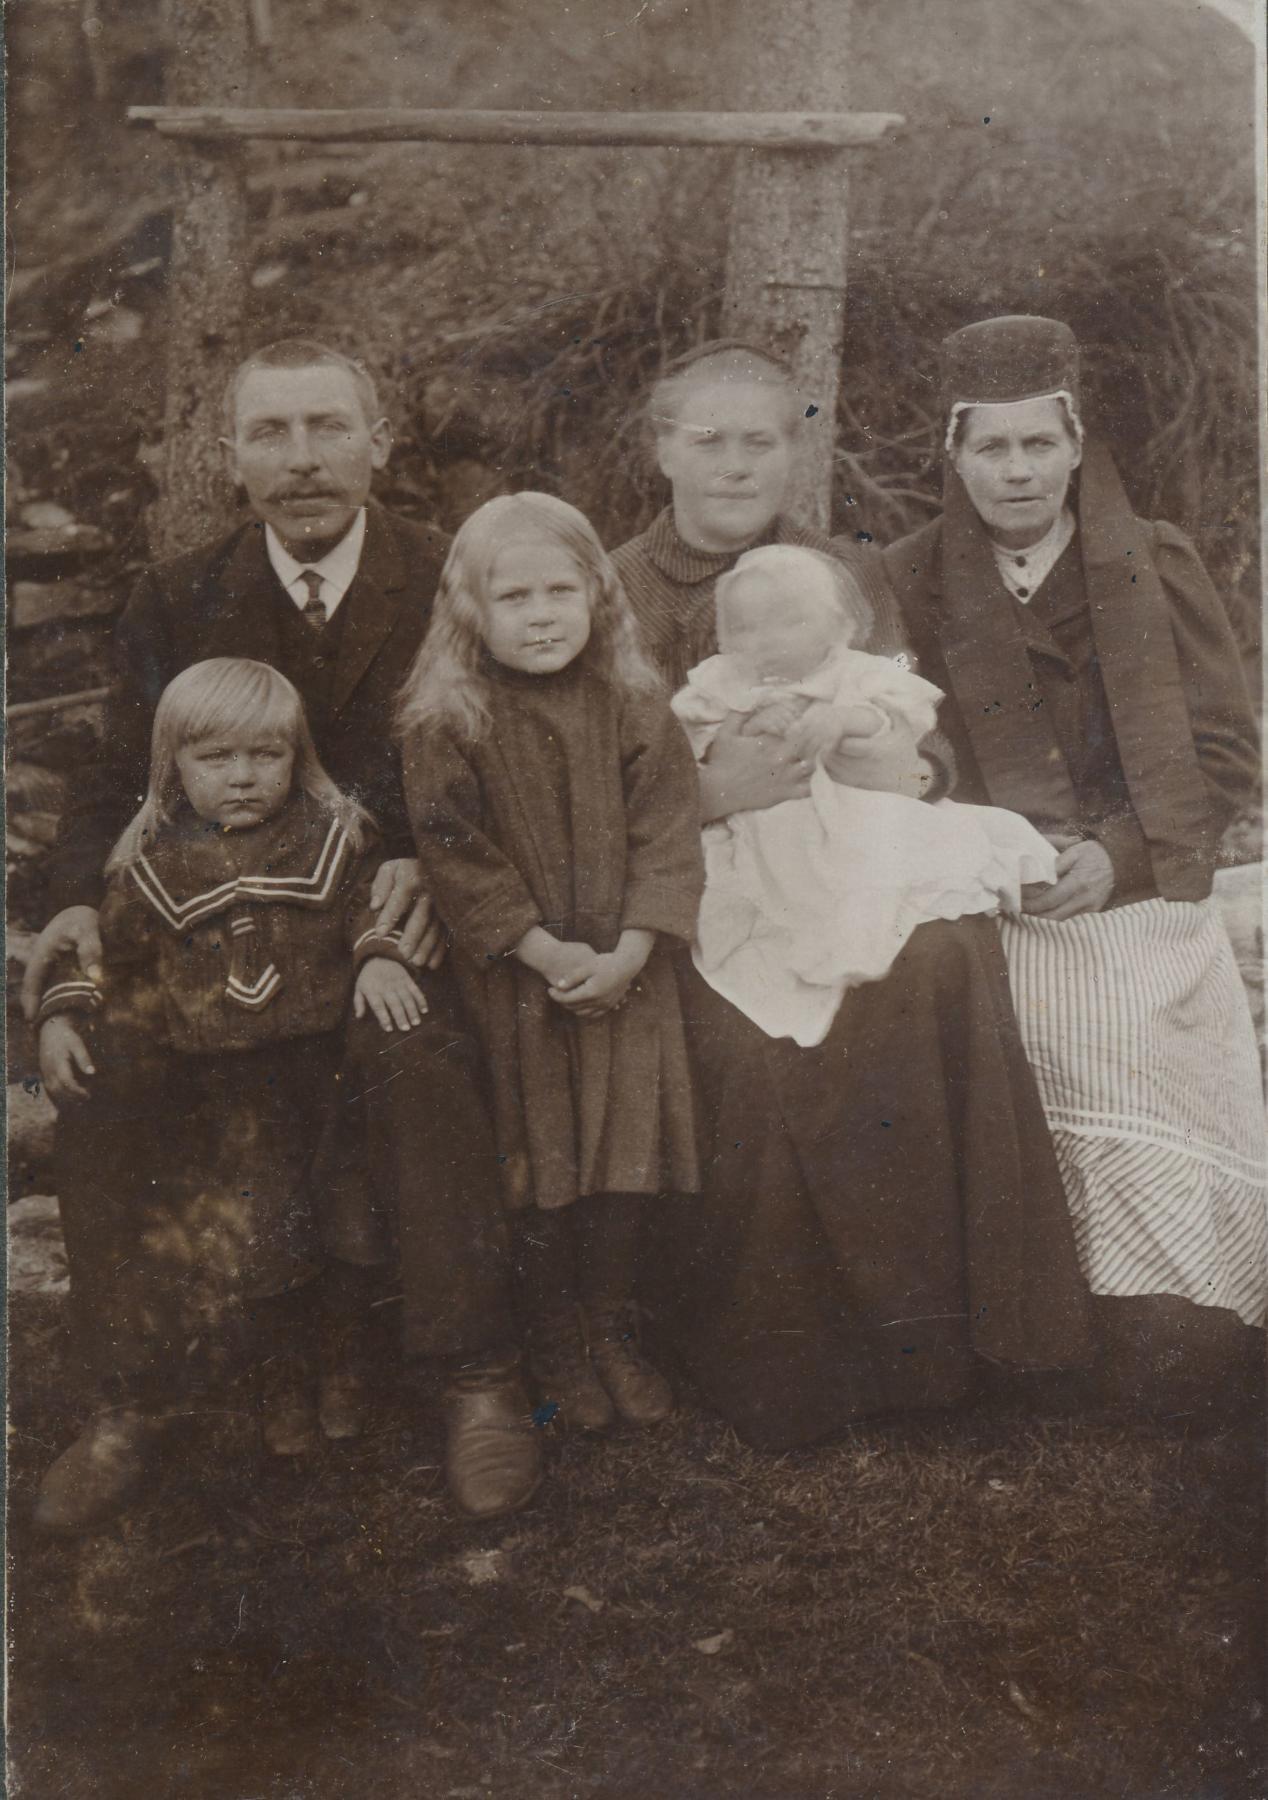 Väärtuslikud kodukirjed: Esimesse maailmasõtta kisti ka pereisad